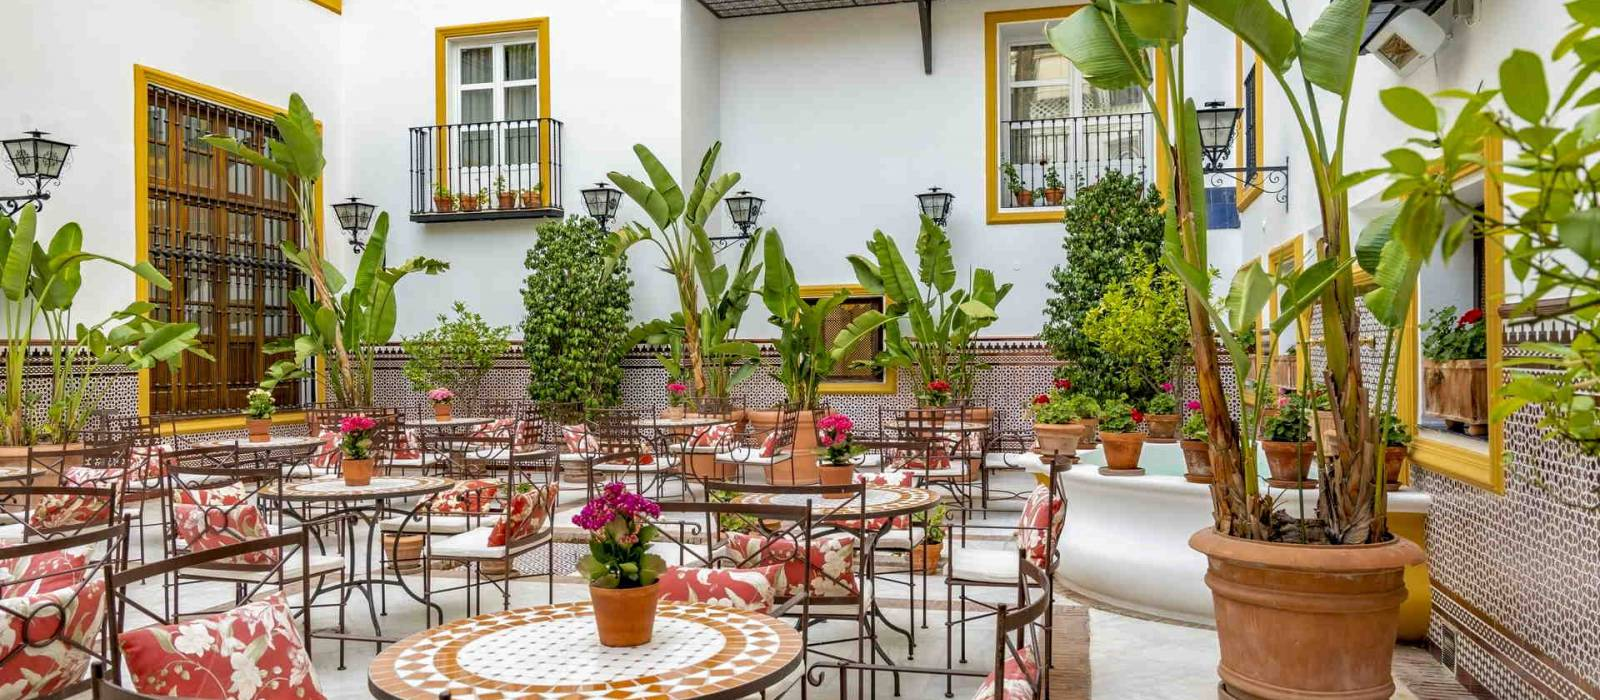 Services Hôtel La Rabida Sevilla - Vincci Hoteles - Patio Andaluz